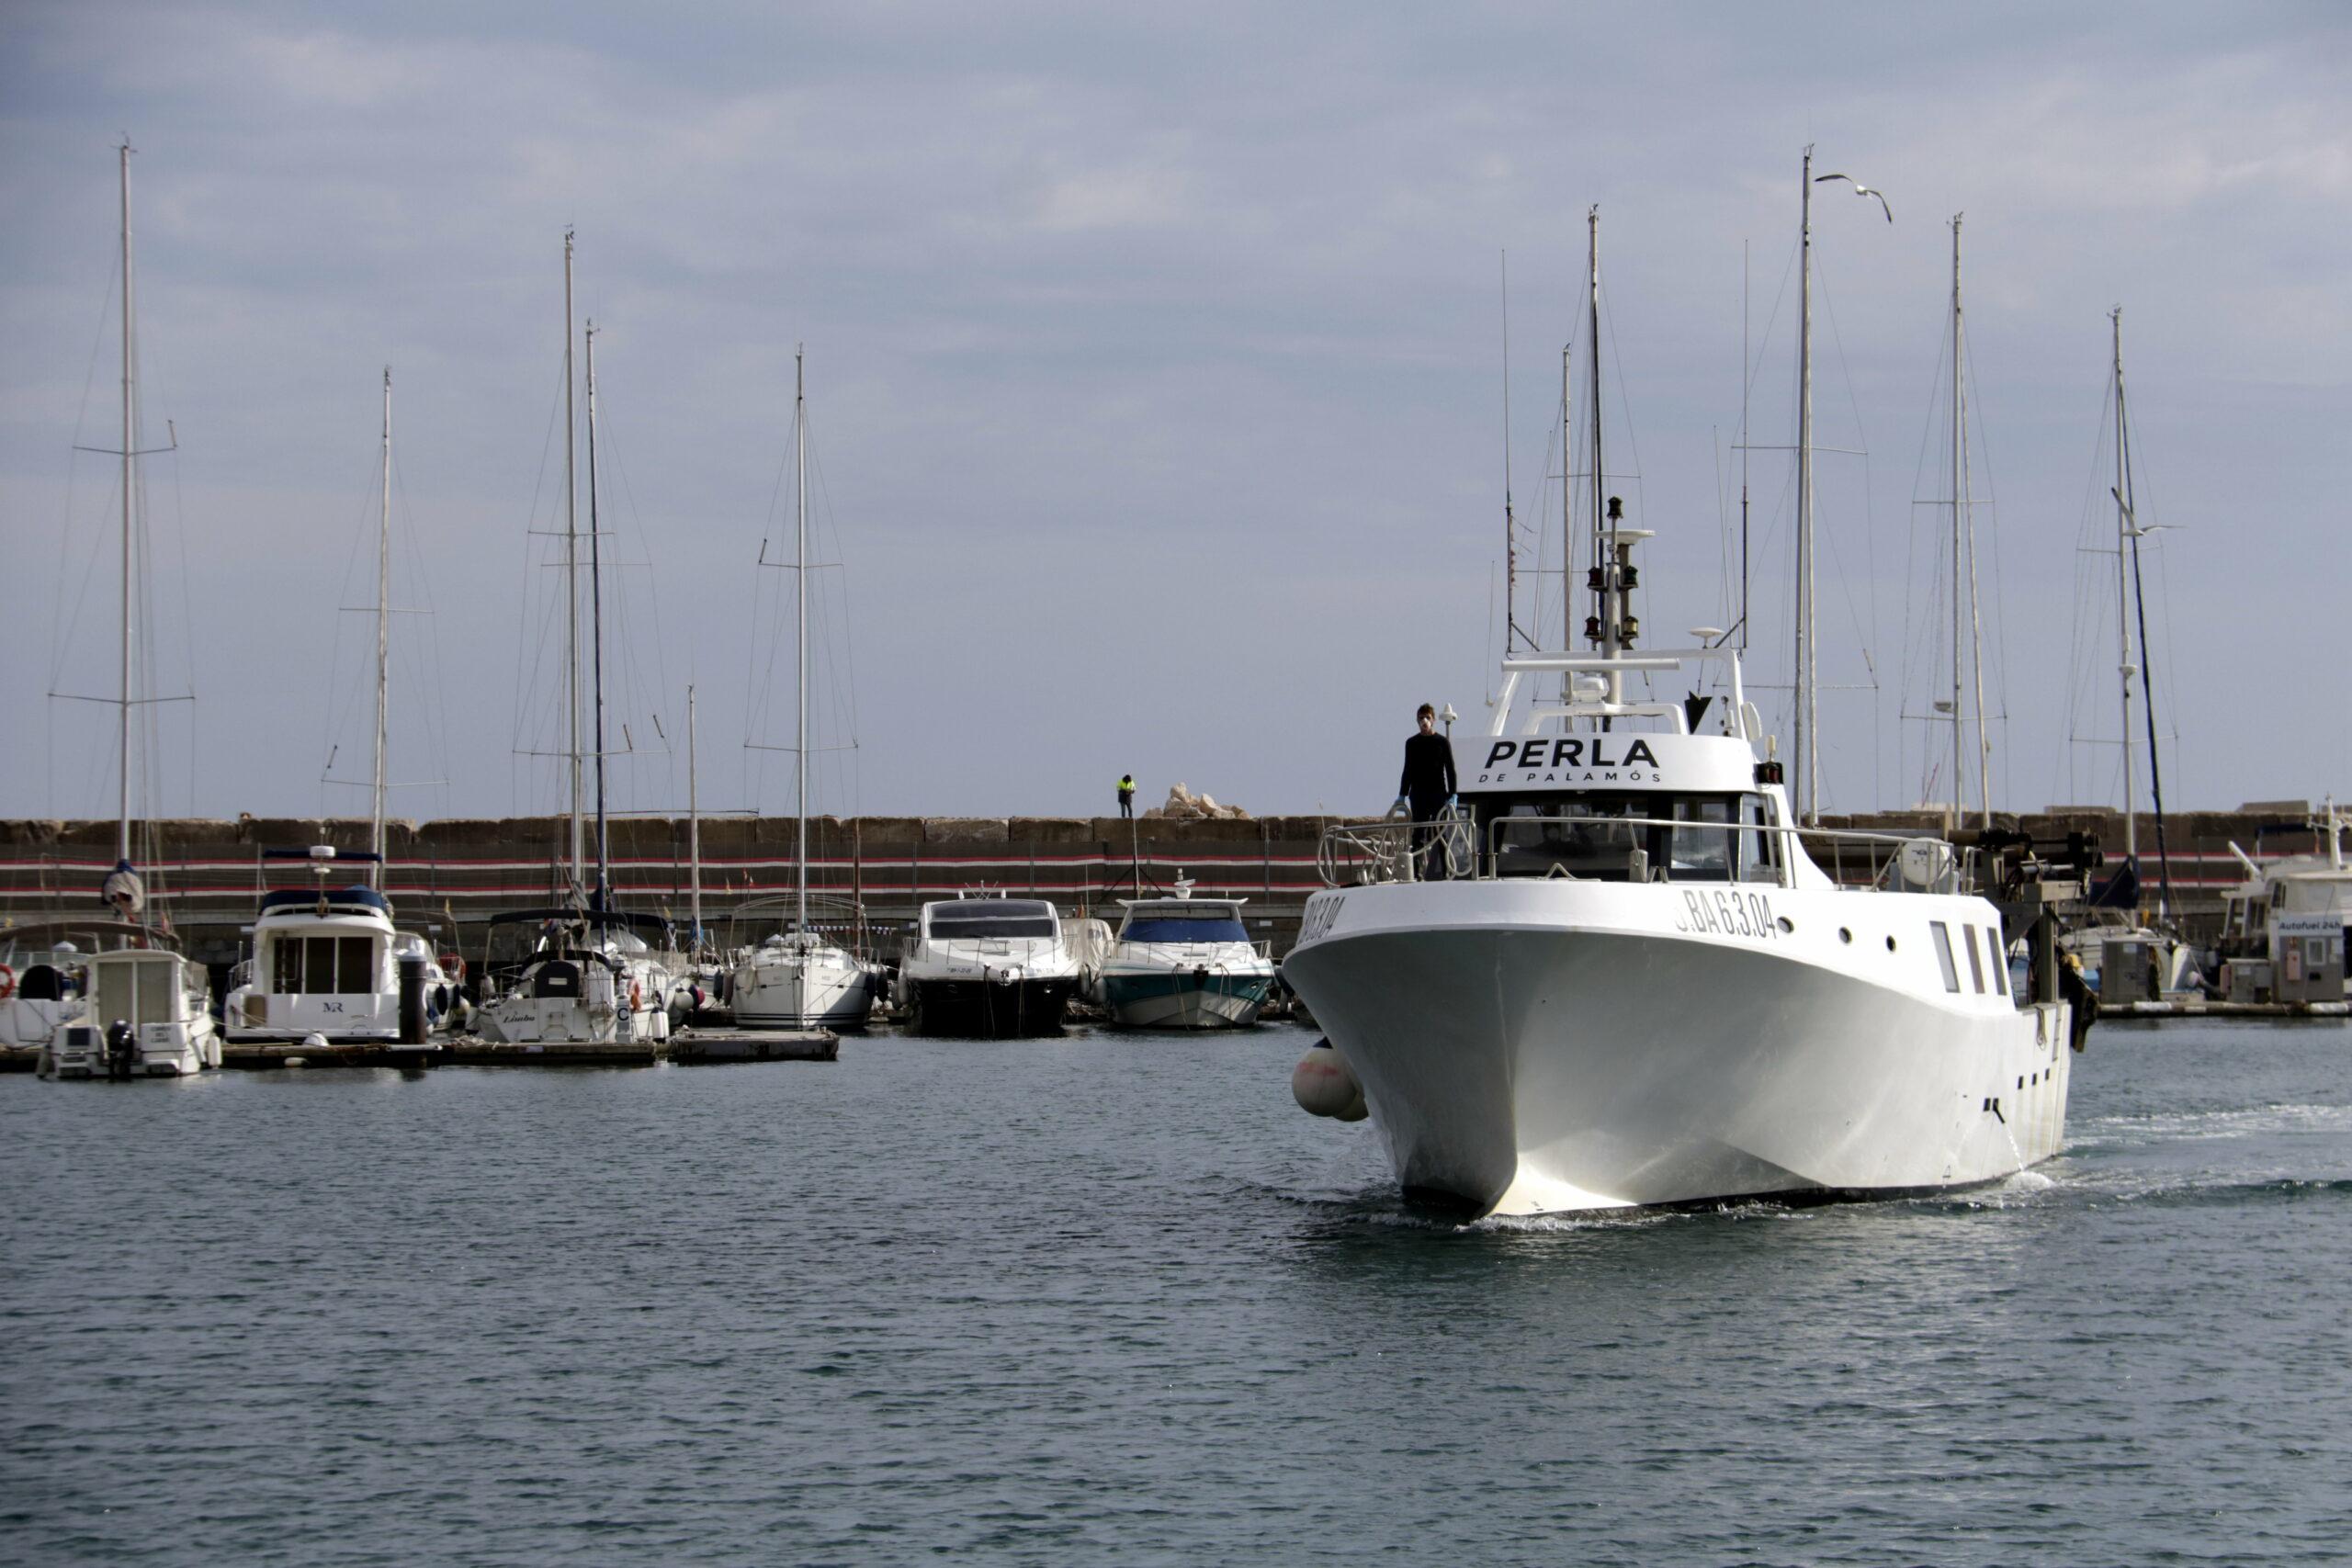 Una de les barques d'arrossegament de Palamós tornant a port abans d'aturar l'activitat | ACN